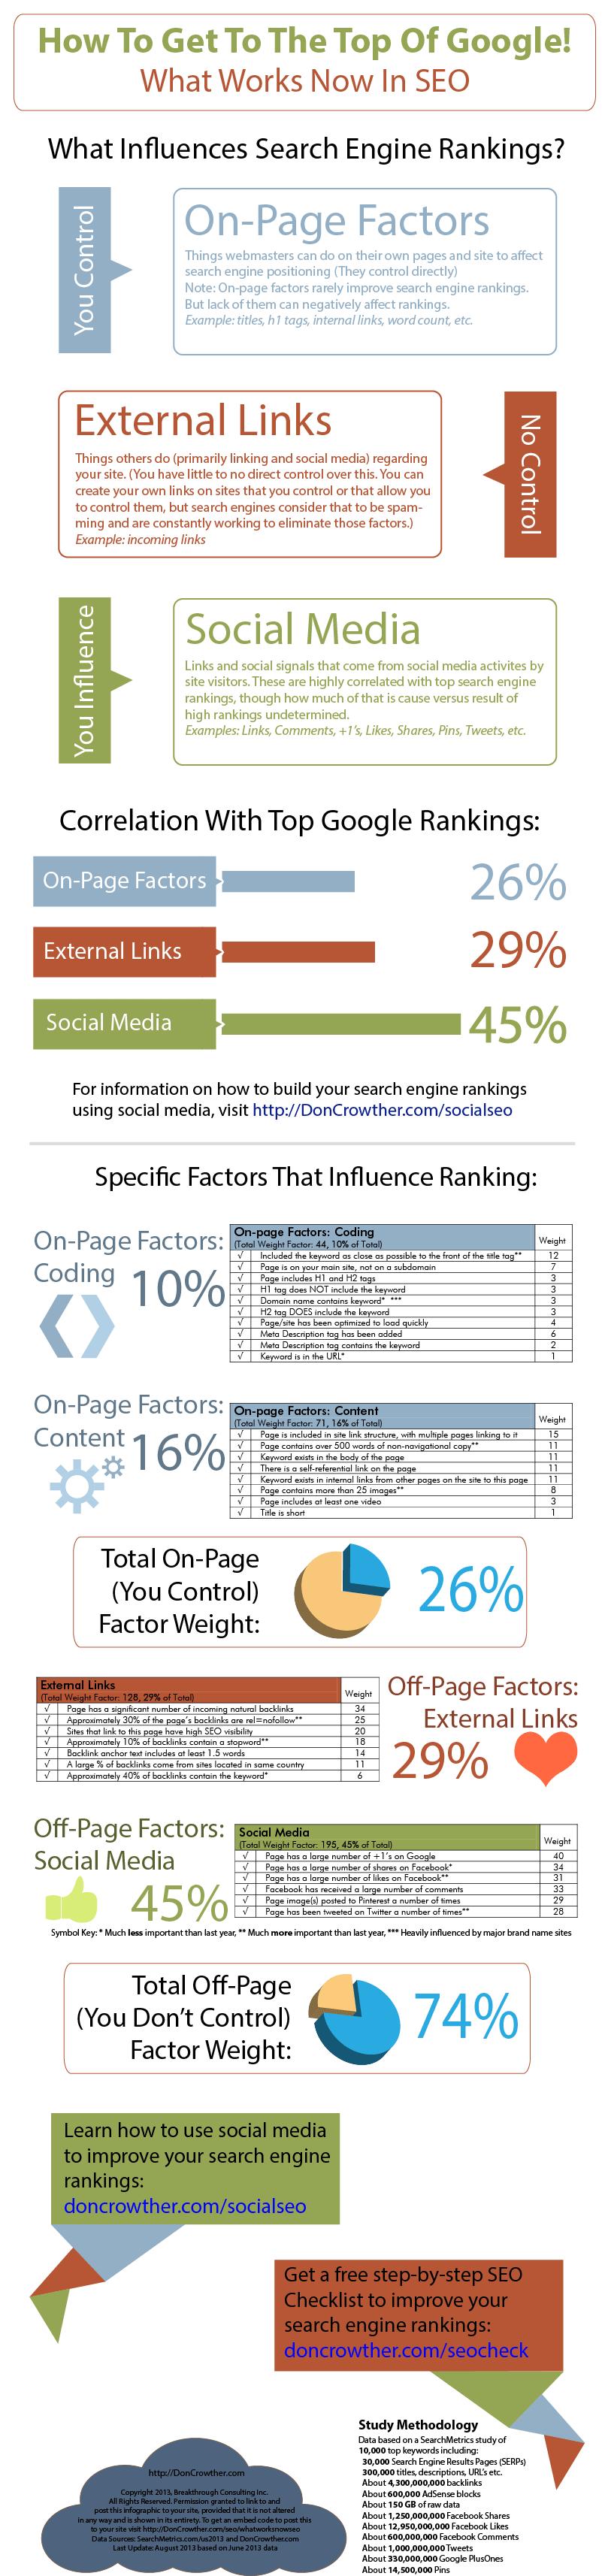 Cosa influenza il ranking sulle SERP?